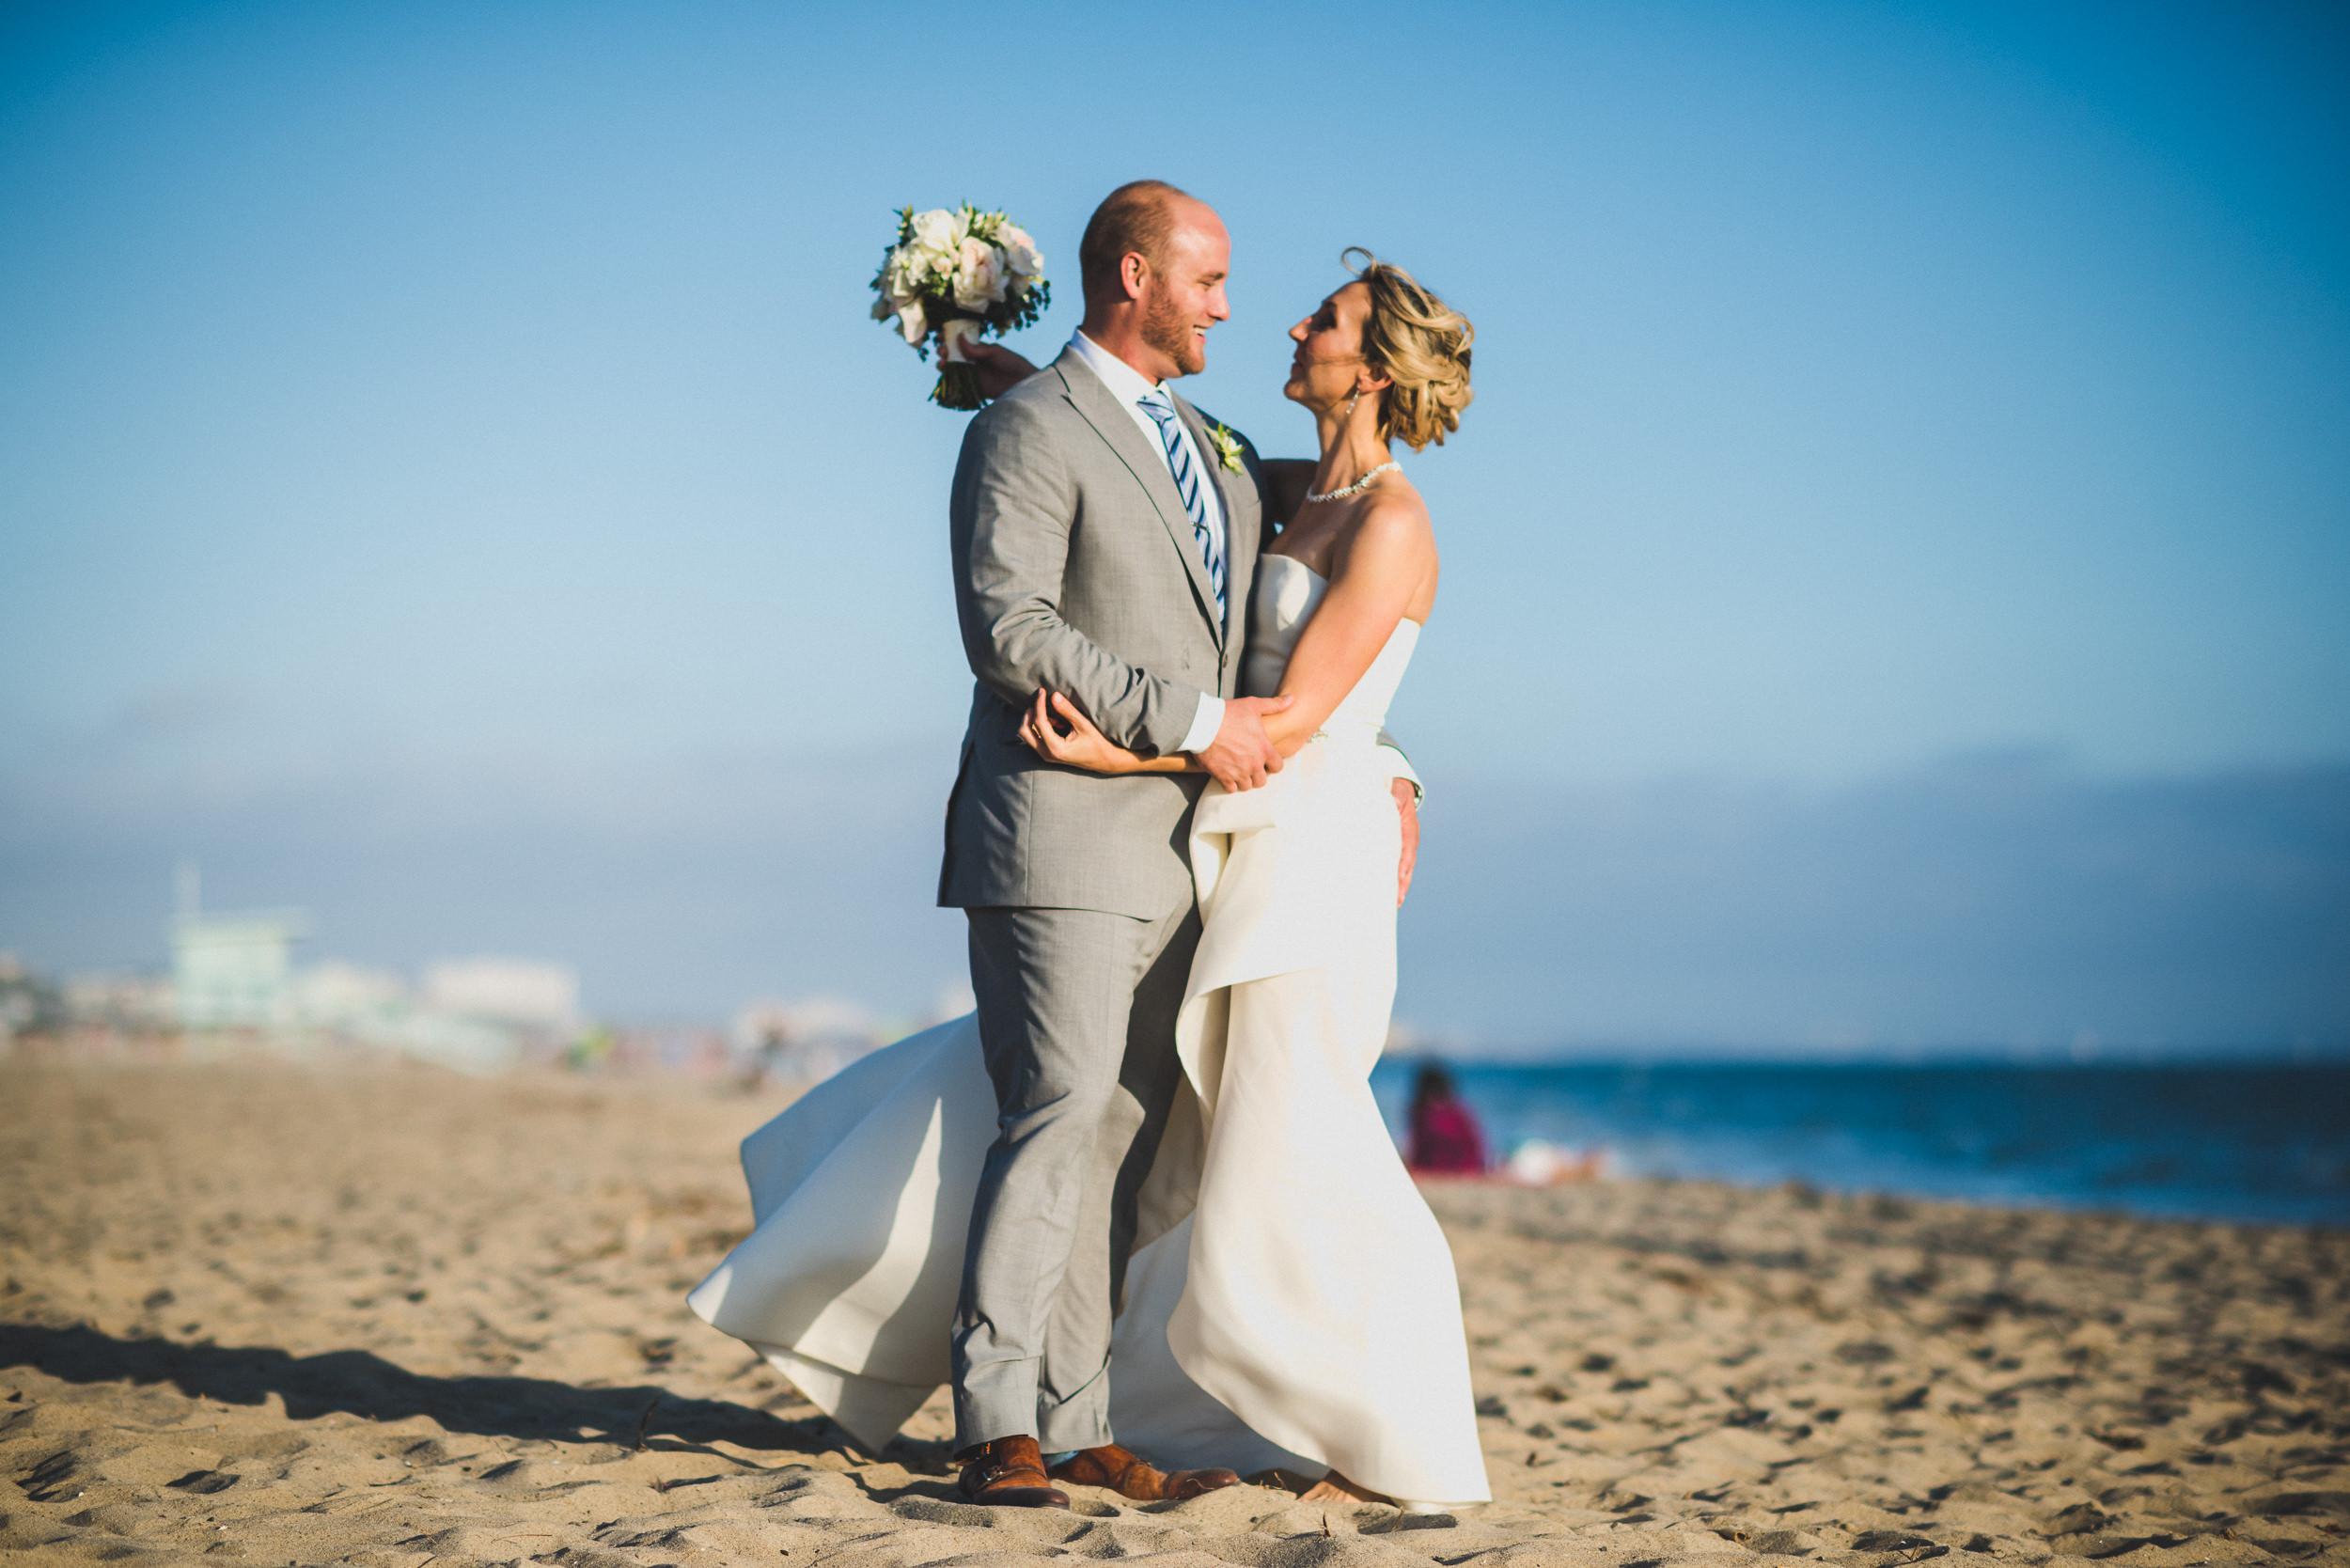 sA+B - The Beach Club - Santa Monica CA - 07 Bridal Portraits-13.jpg